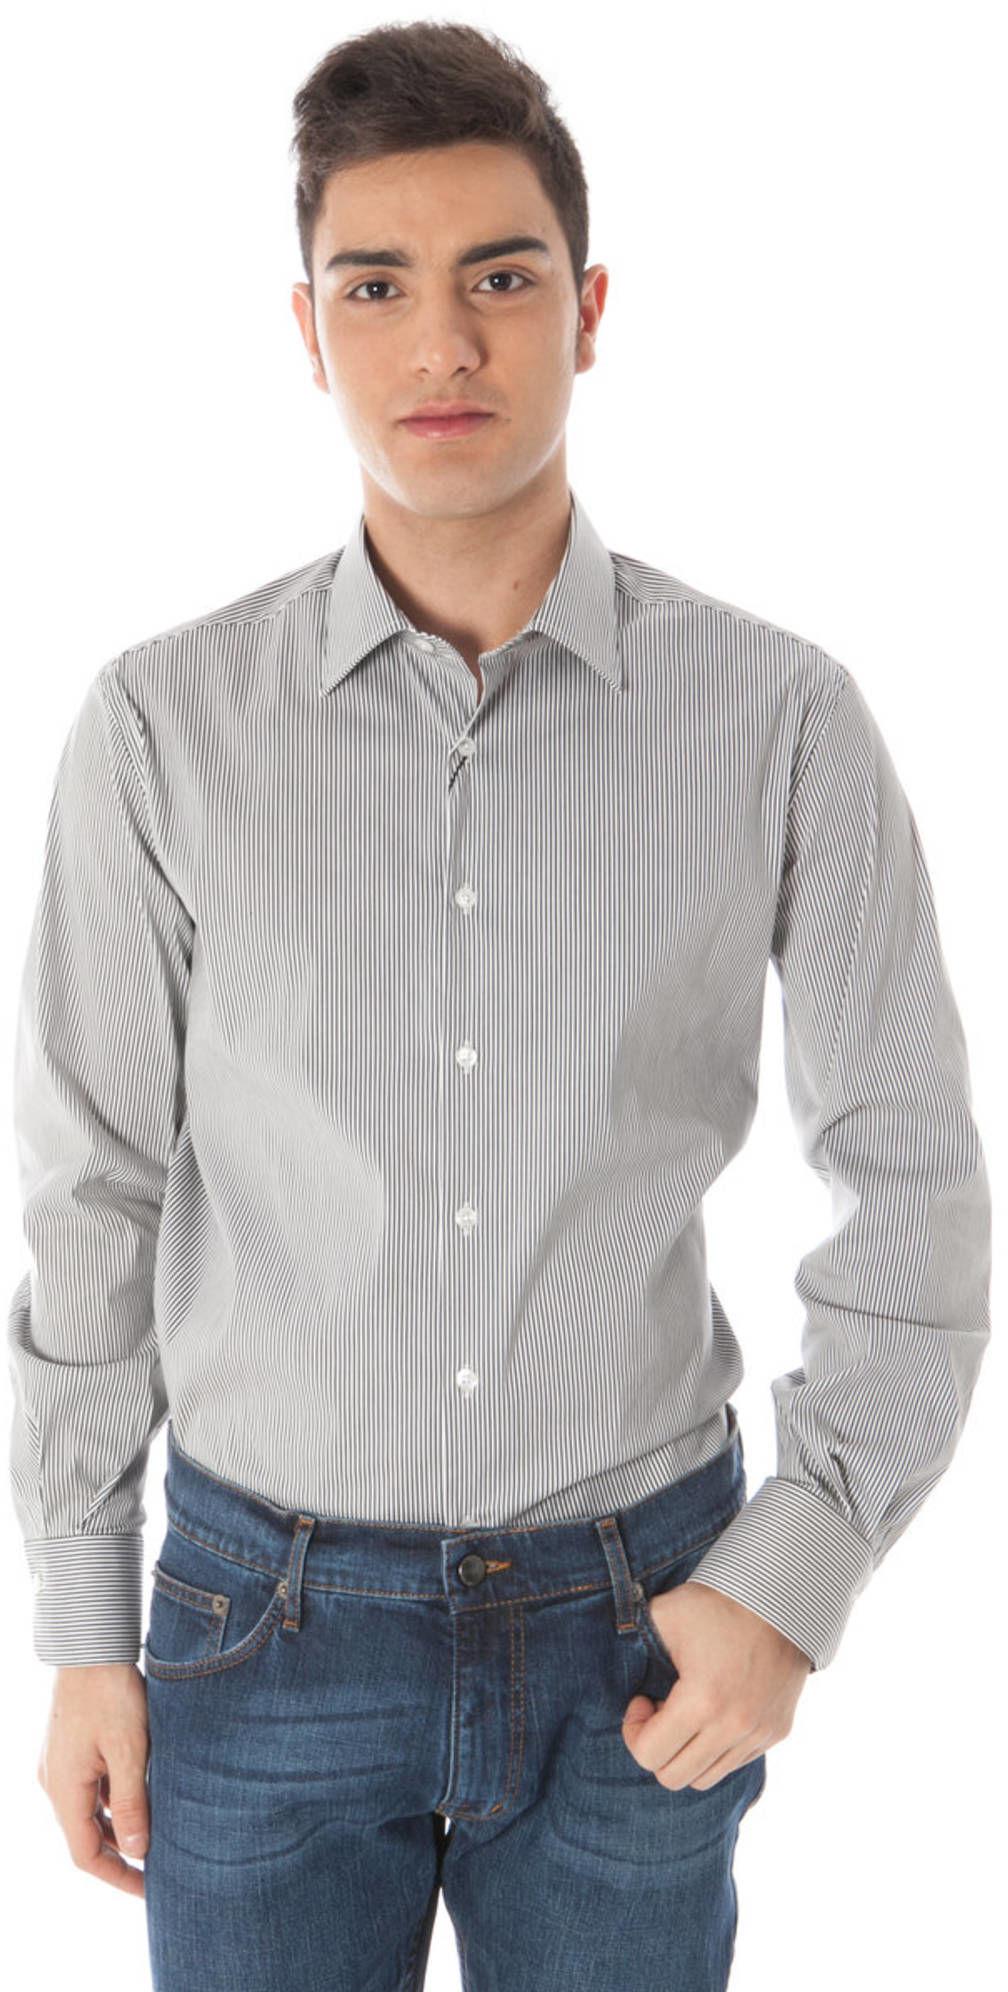 GIANFRANCO FERRÈ Koszula z długim rękawem dla mężczyzn